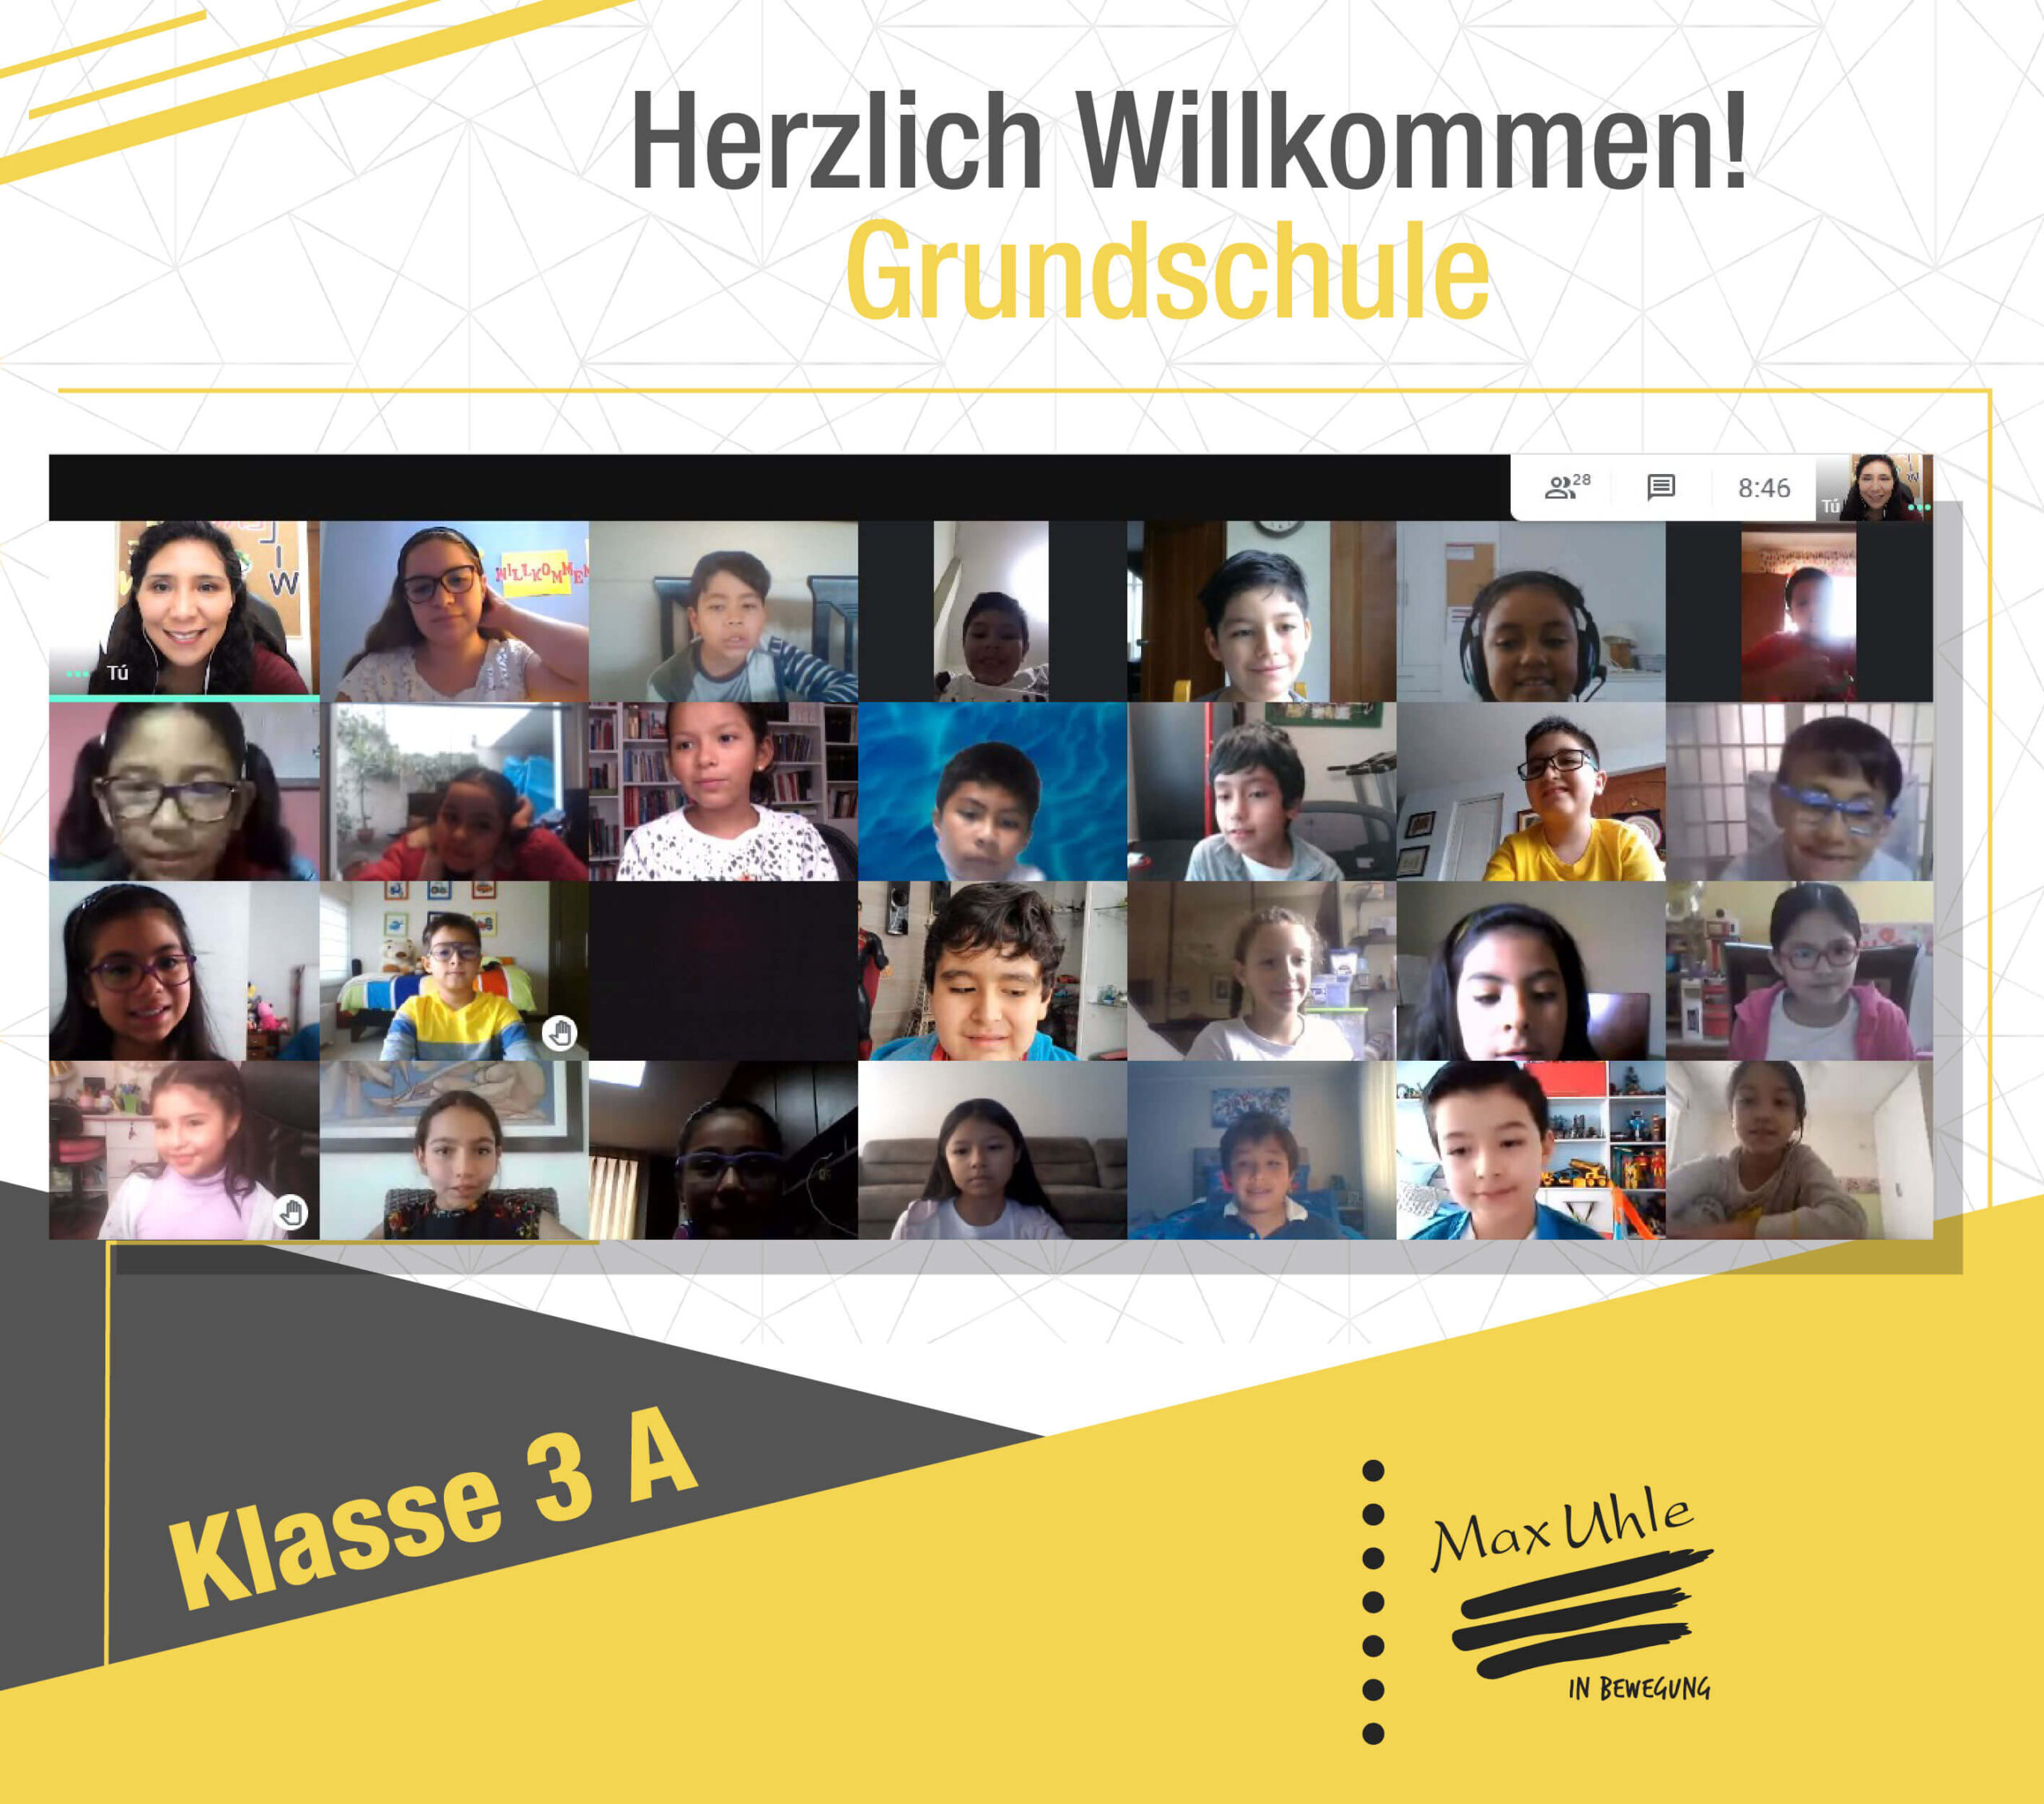 regreso a clases 2021 Grundschule 3A